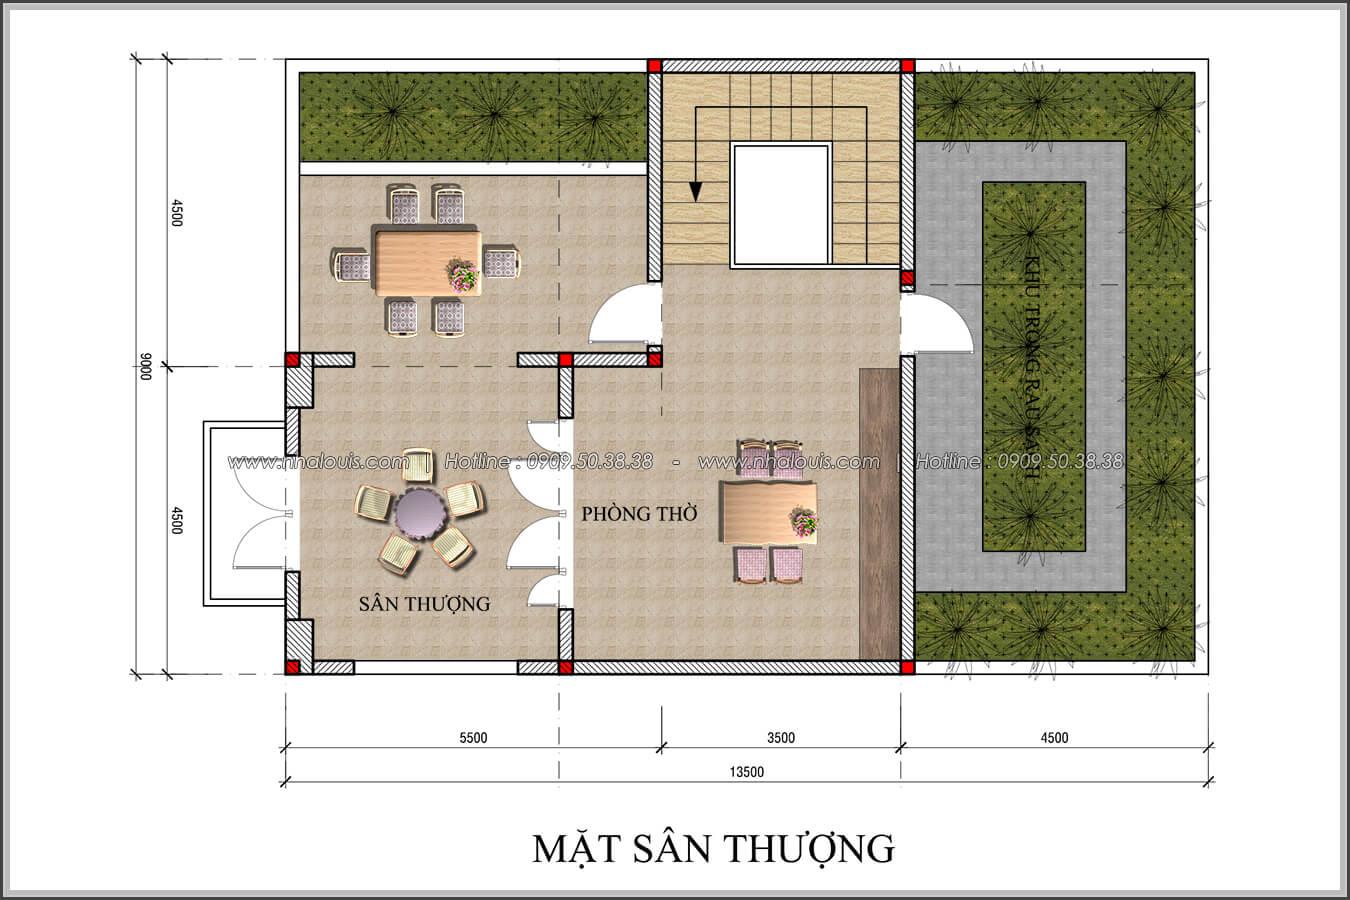 Thiết kế biệt thự 4 phòng ngủ tại Đồng Nai nổi bật trên đường phố tấp nập - 06